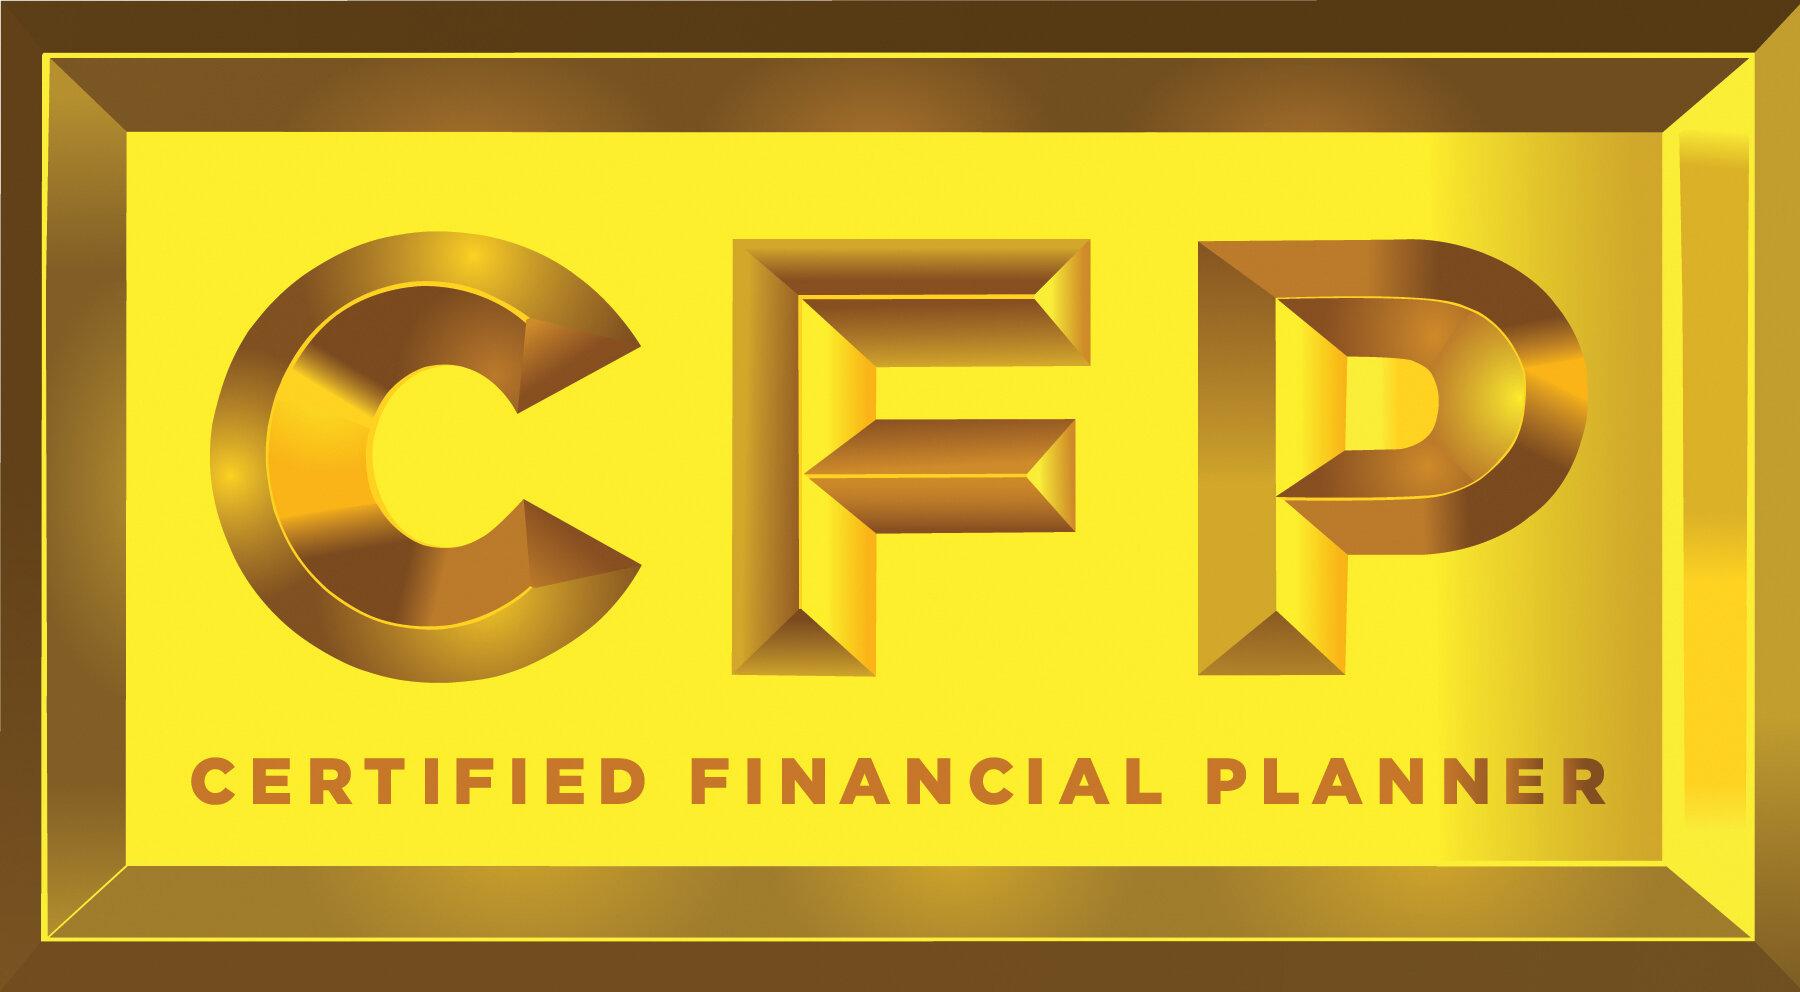 cfp_logo_new.jpg